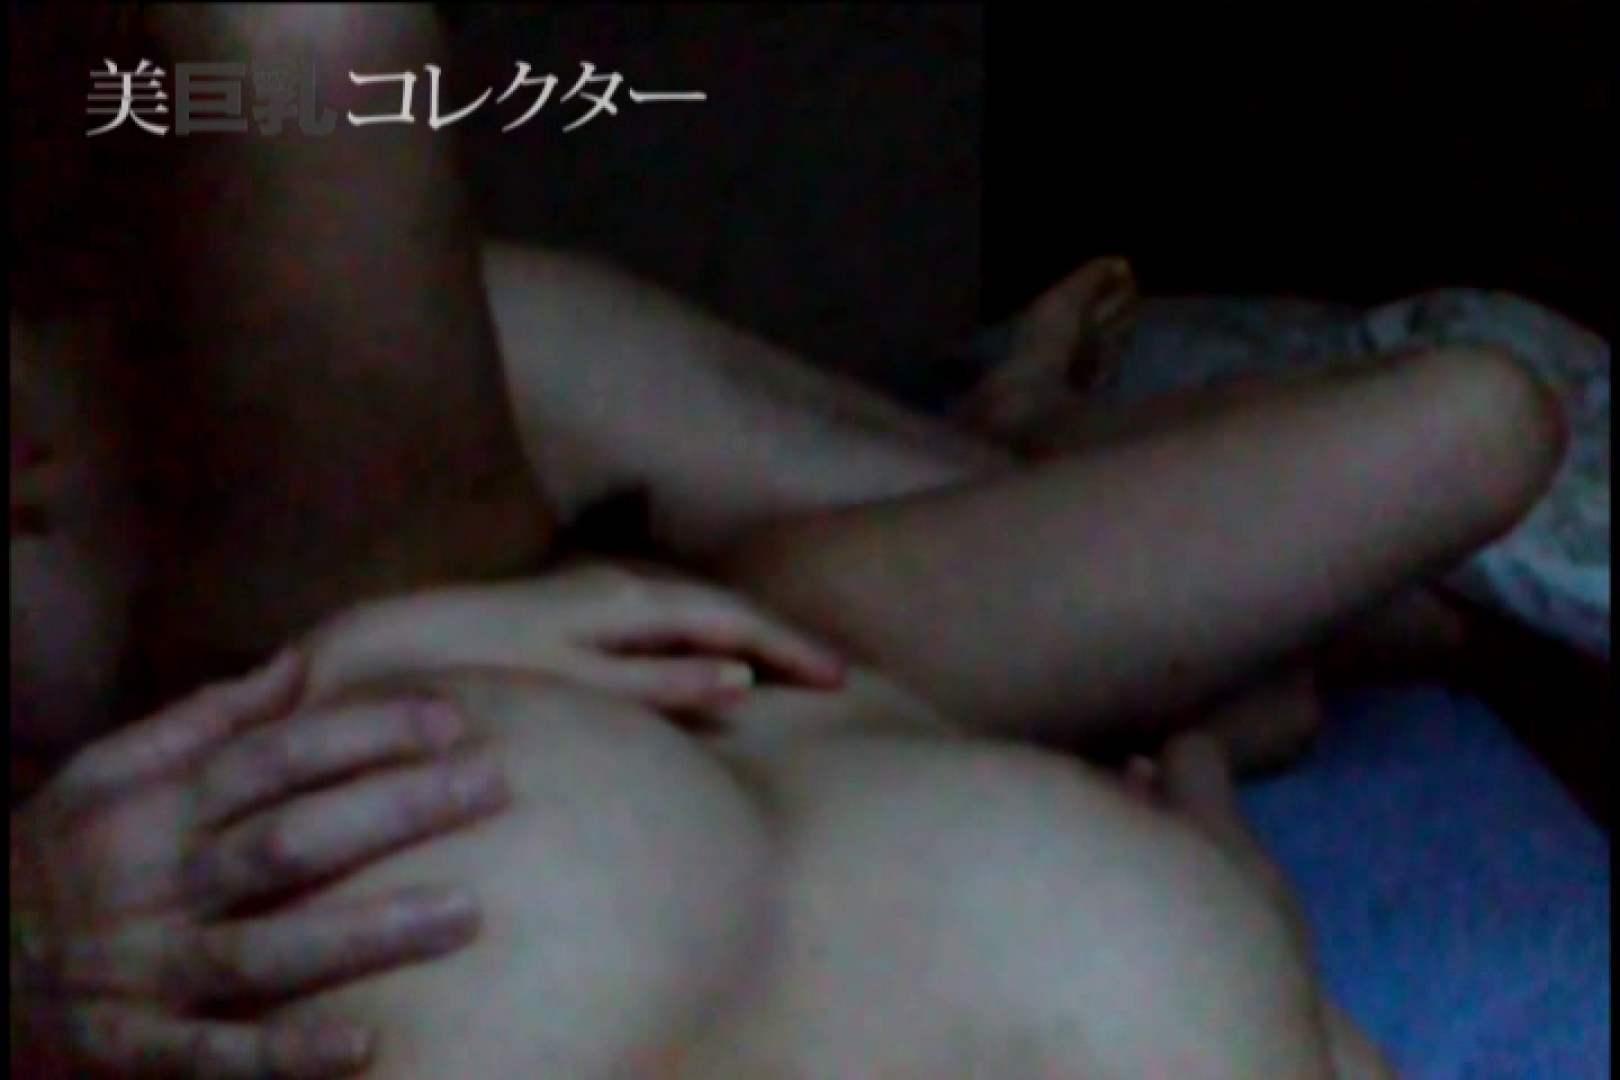 泥酔Hカップ爆乳ギャル3 SEX | 隠撮  58pic 41